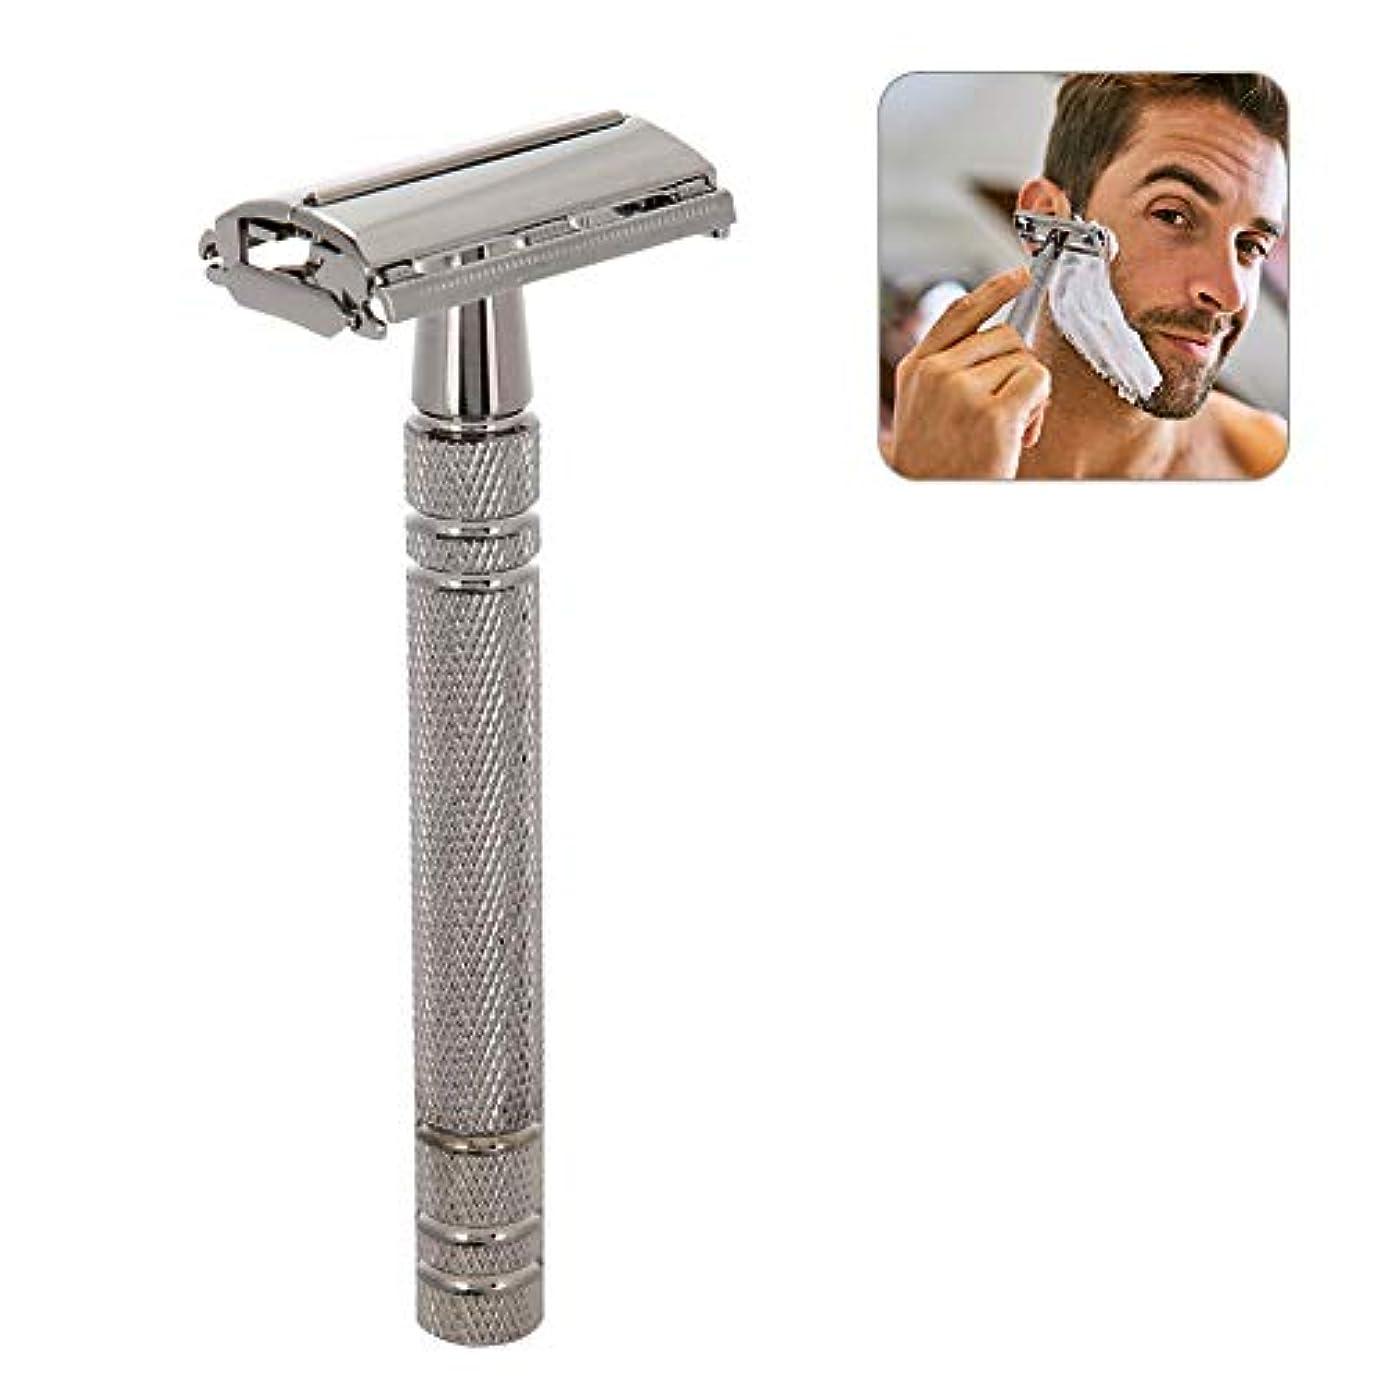 たまにあいまいさ有料メンズシェーバー クラシックレイザー 脱毛器 剃刀 手動 交換可能なブレード(シルバー)